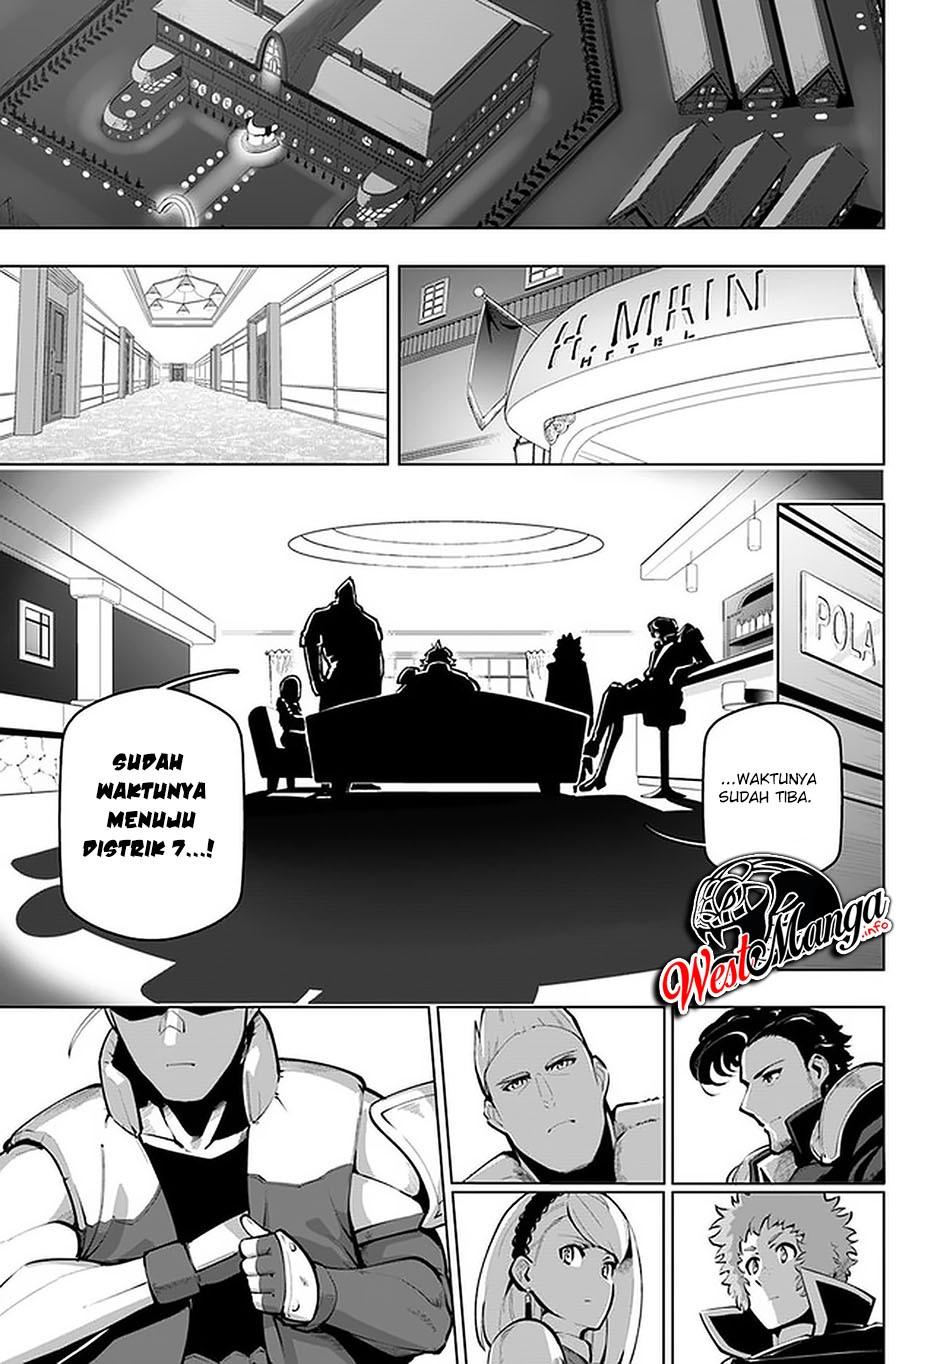 Sekai Saikyou no Kouei: Meikyuukoku no Shinjin Tansakusha: Chapter 18.2 - Page 15